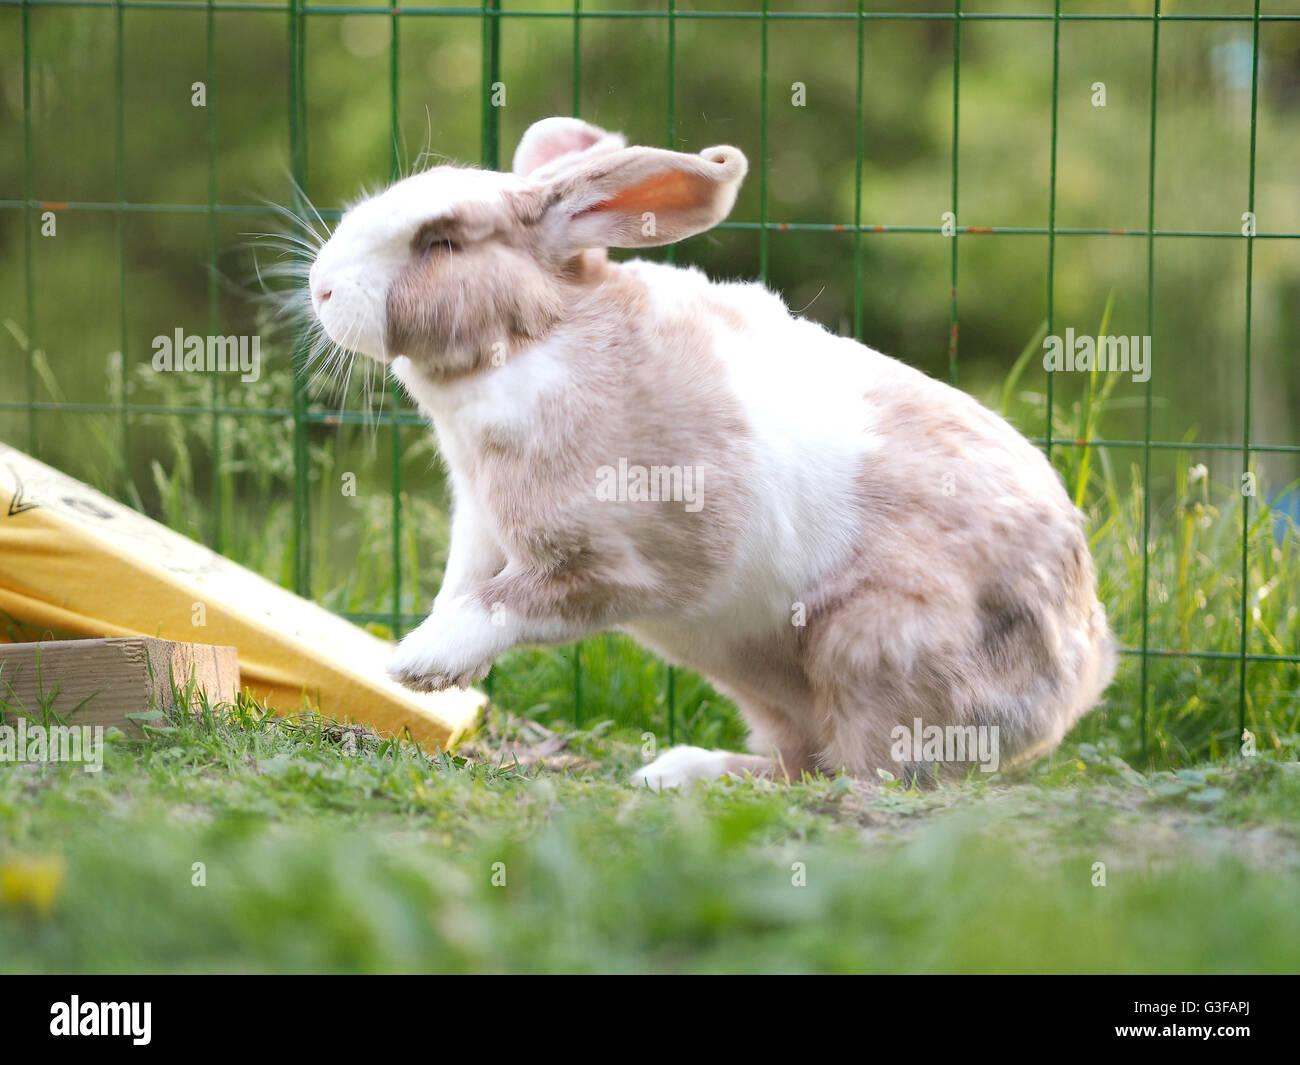 Flemish Giant Rabbit Imágenes De Stock & Flemish Giant Rabbit Fotos ...